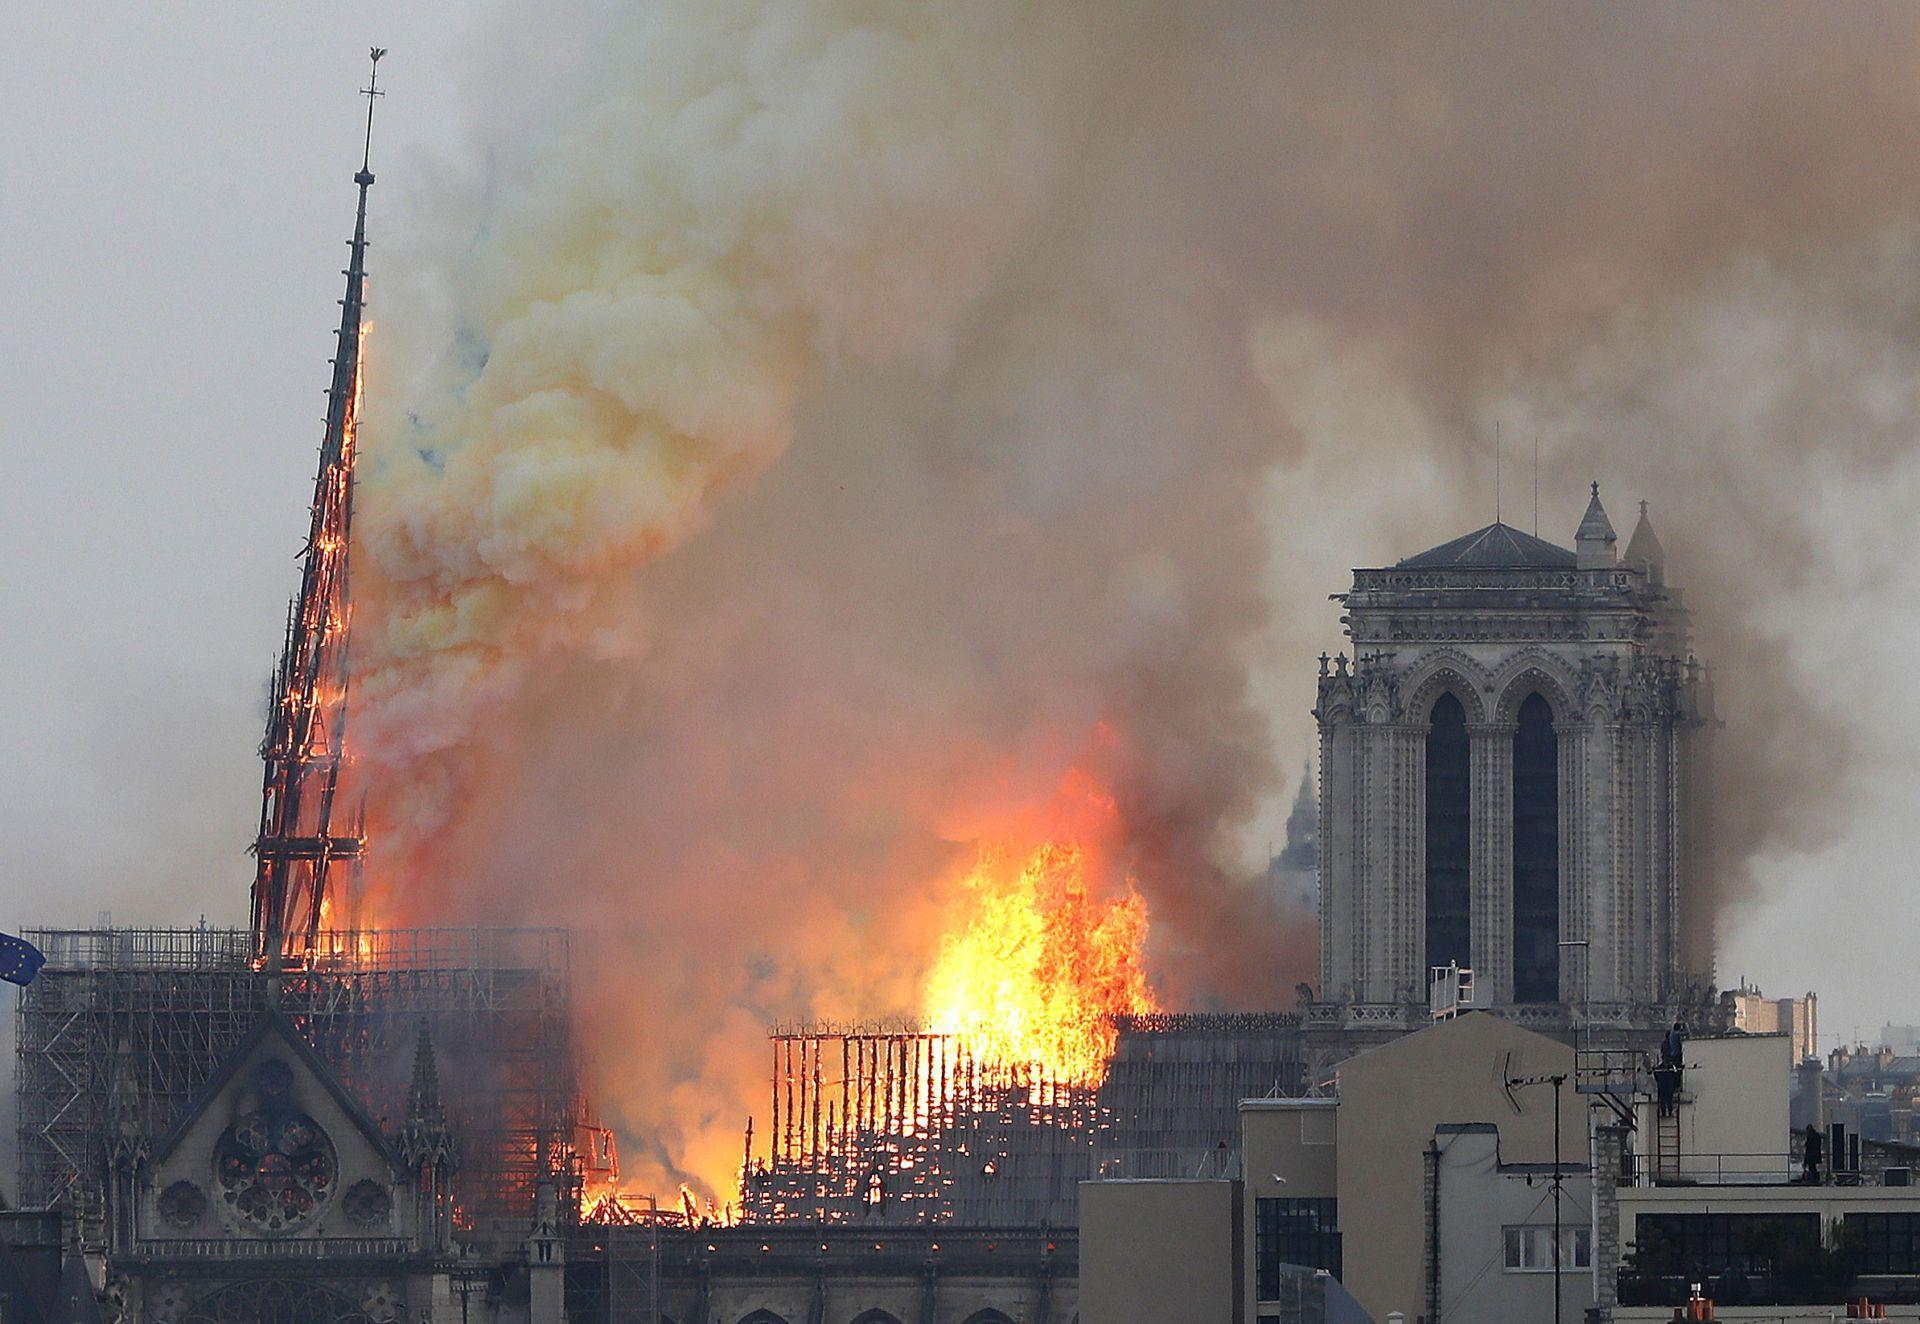 Đám cháy chấn động ở Nhà thờ Đức Bà Paris được nhà văn Victor Hugo dự đoán trong tác phẩm cùng tên cách đây 188 năm! - Ảnh 2.